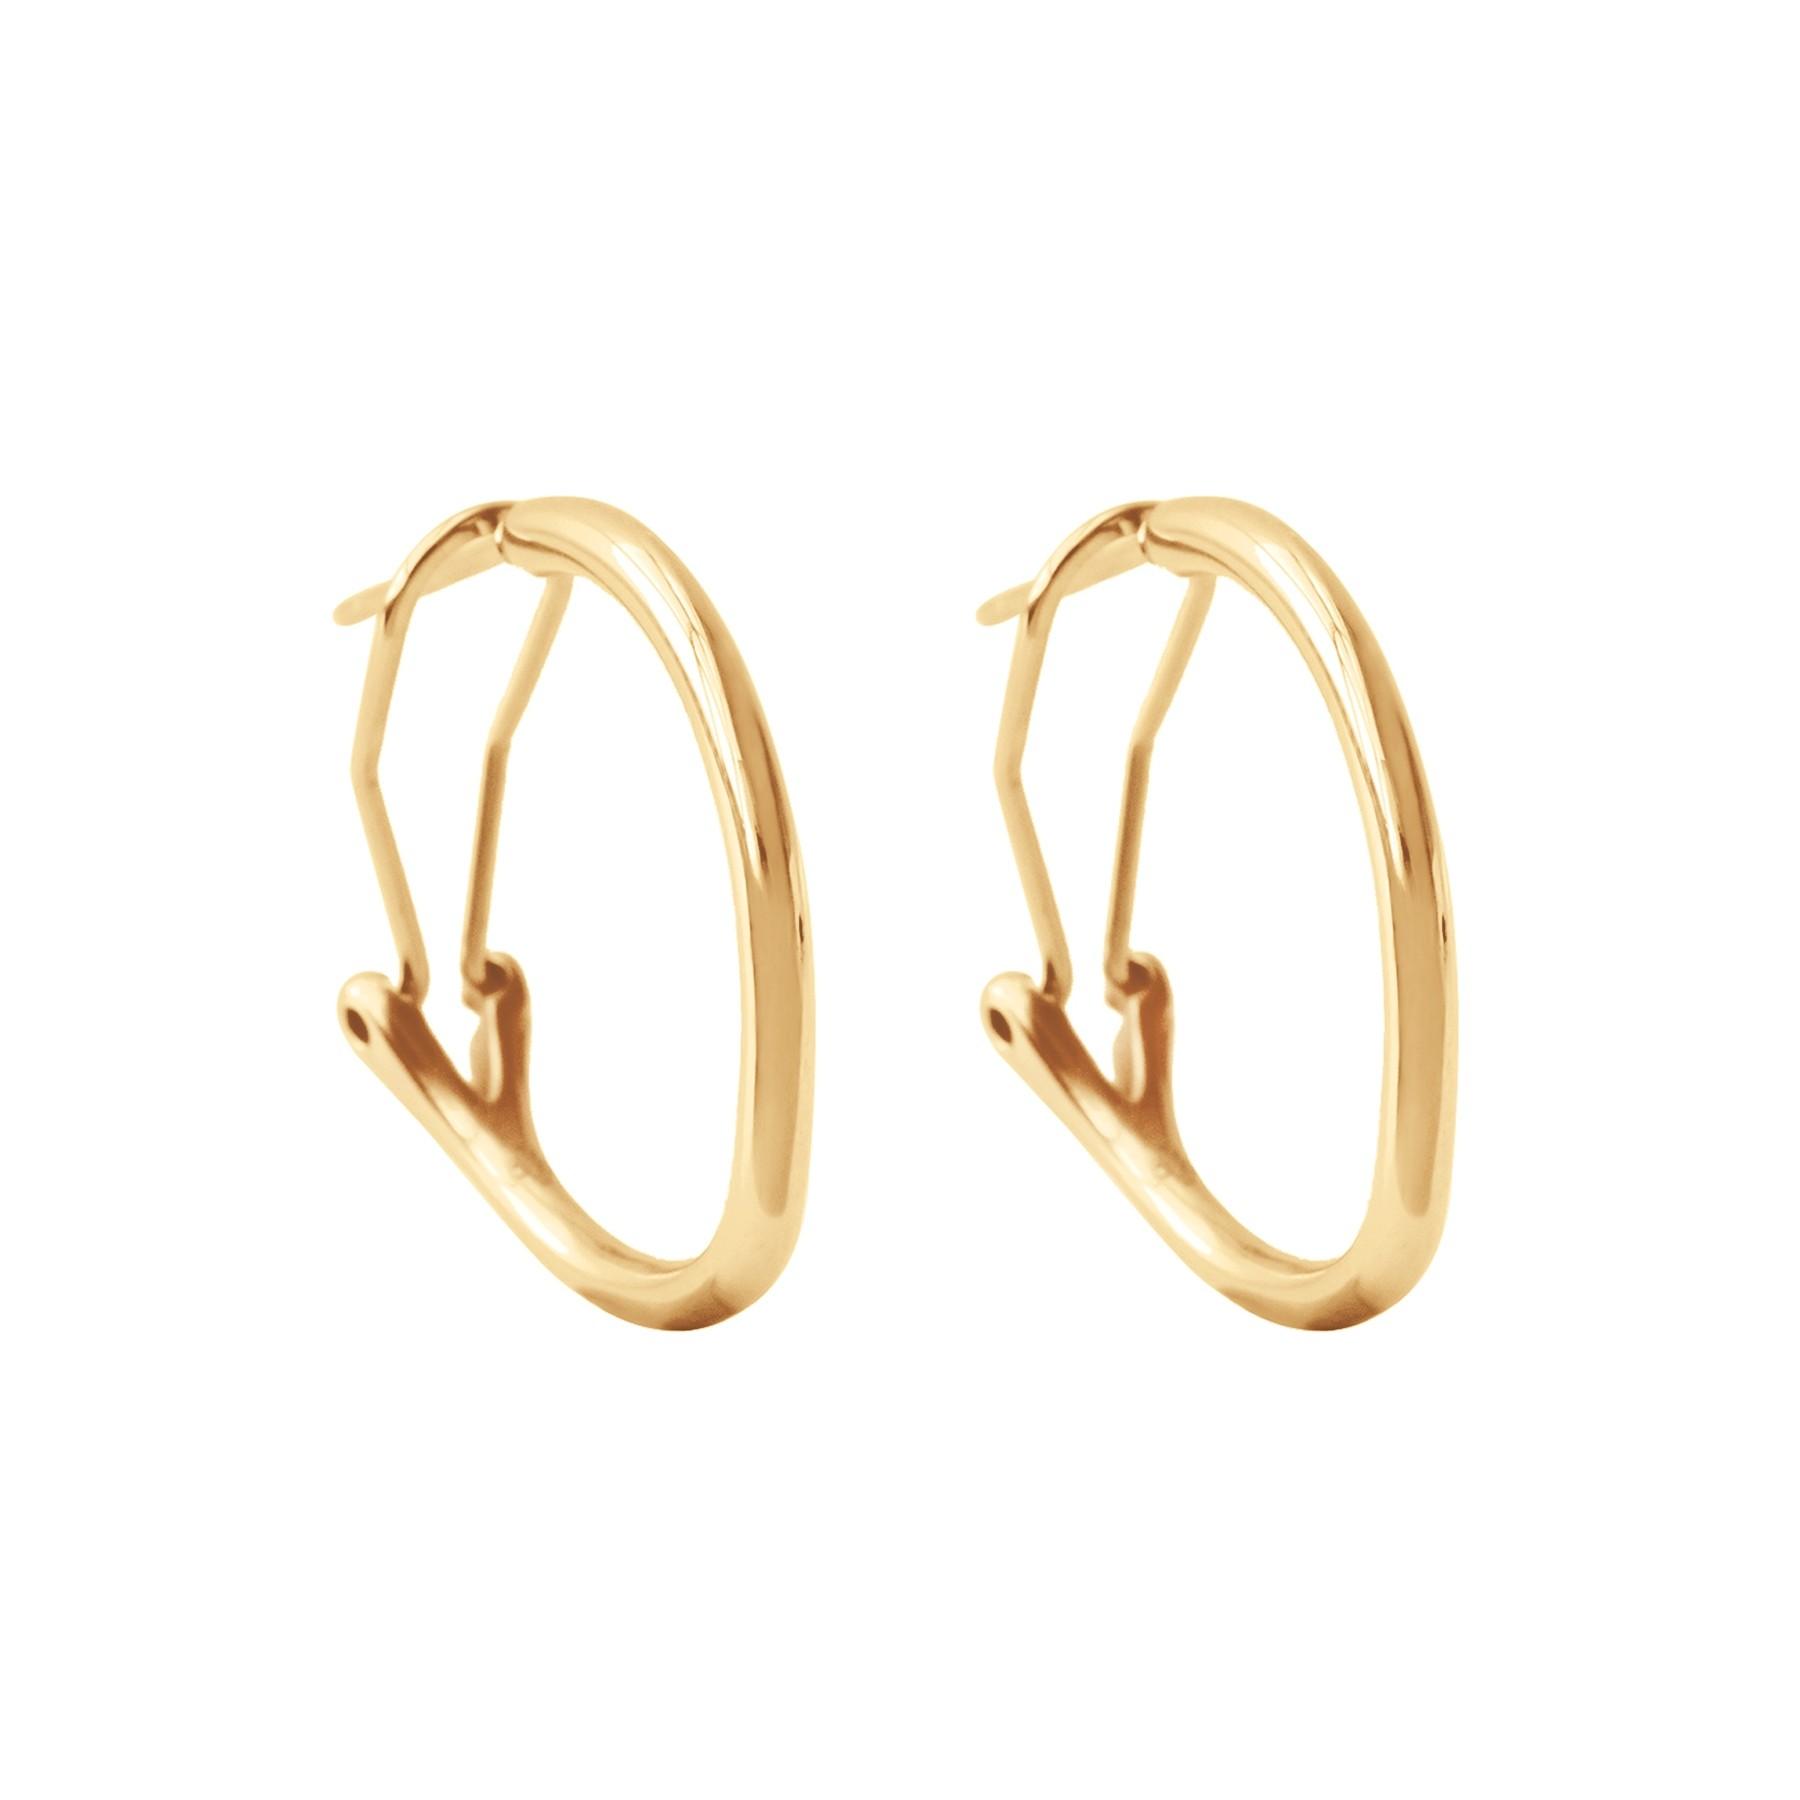 Boucles d'oreilles créoles 2 cm, plaqué or